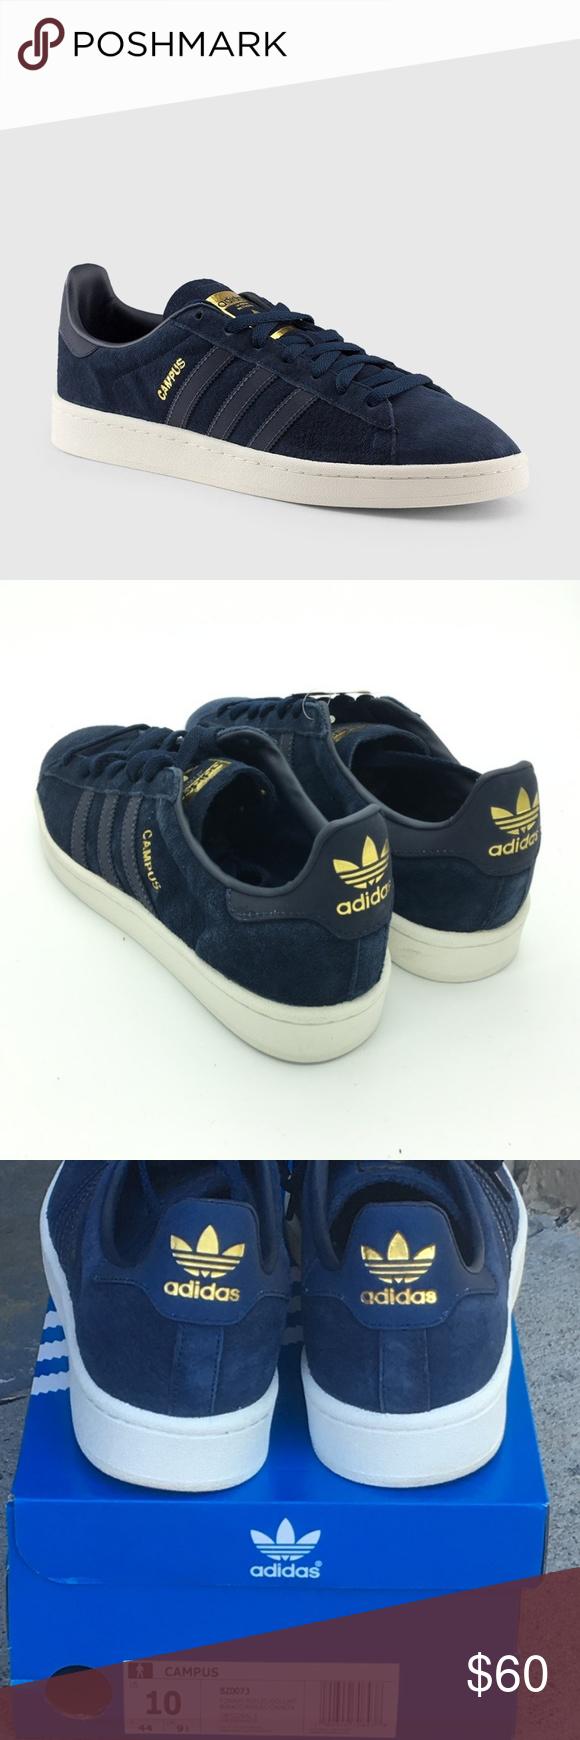 Sonrisa cero maratón  Adidas Navy Gold Campus Shoes BZ0073 Size US 10 | Shoes sneakers adidas,  Navy gold, Blue adidas